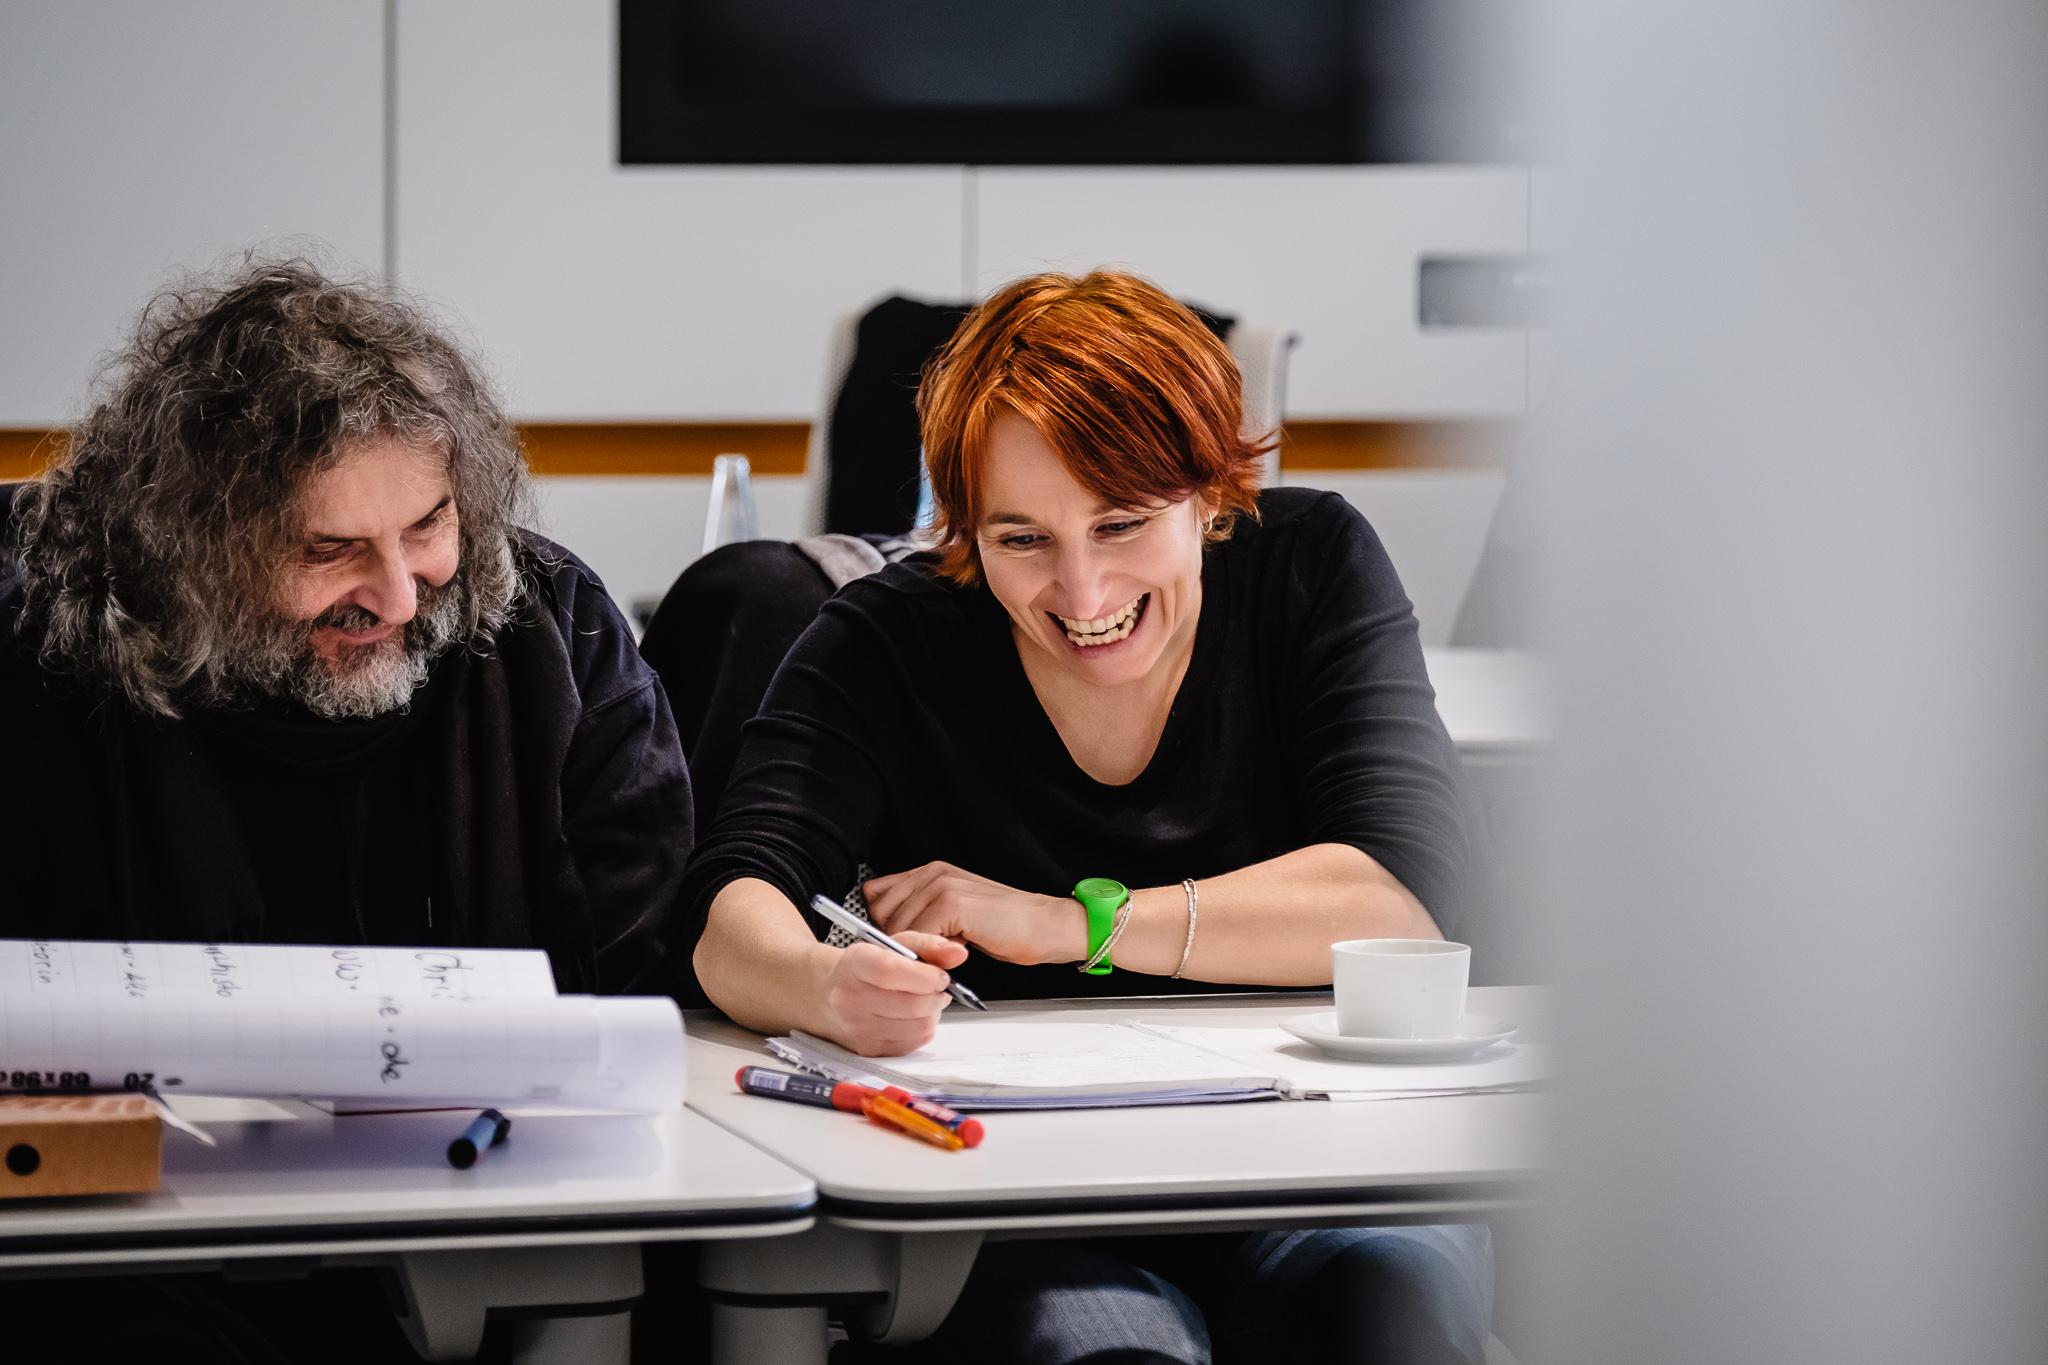 Künstler Gerald Pirner im Gespräch mit Akademieleiterin Christina Kohla. Sie schreiben auf ein Plakat ihre Ideen und lachen dabei. Gerald hat schulterlanges lockiges graues Haar und einen Vollbart, Christina kurze rote Haare. Beide tragen schwarze Pullover.